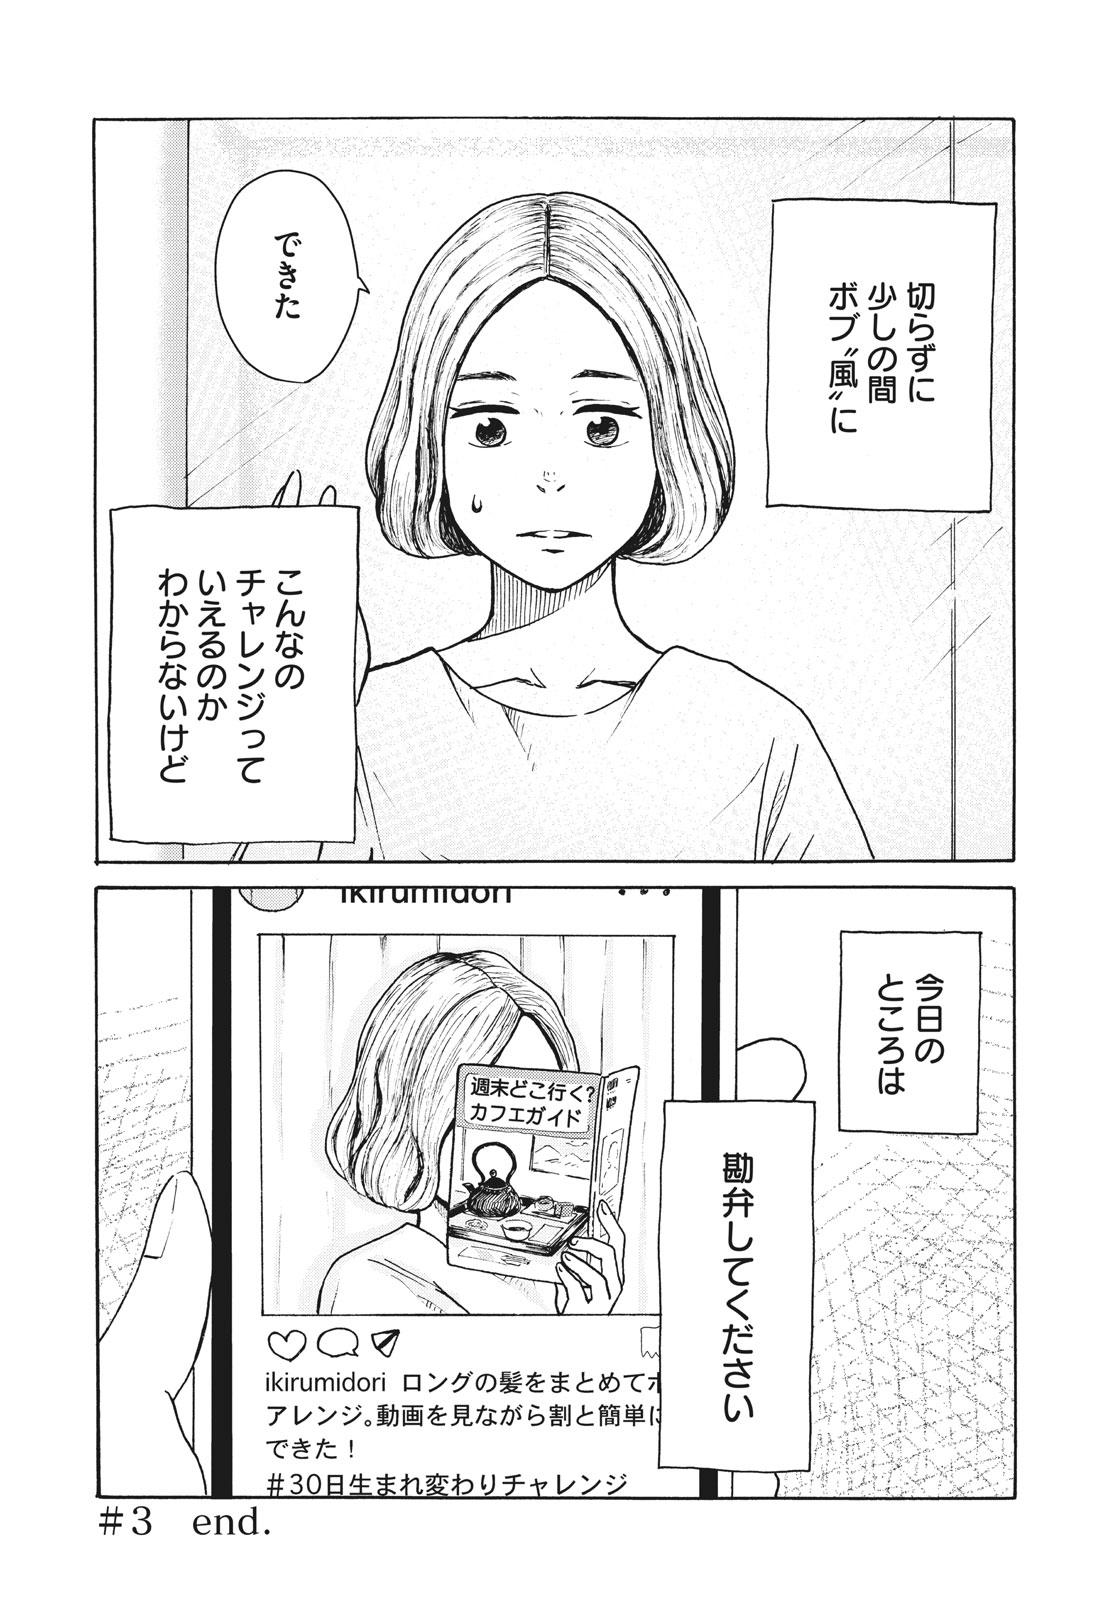 010_30譌・_2019_003_E.jpg